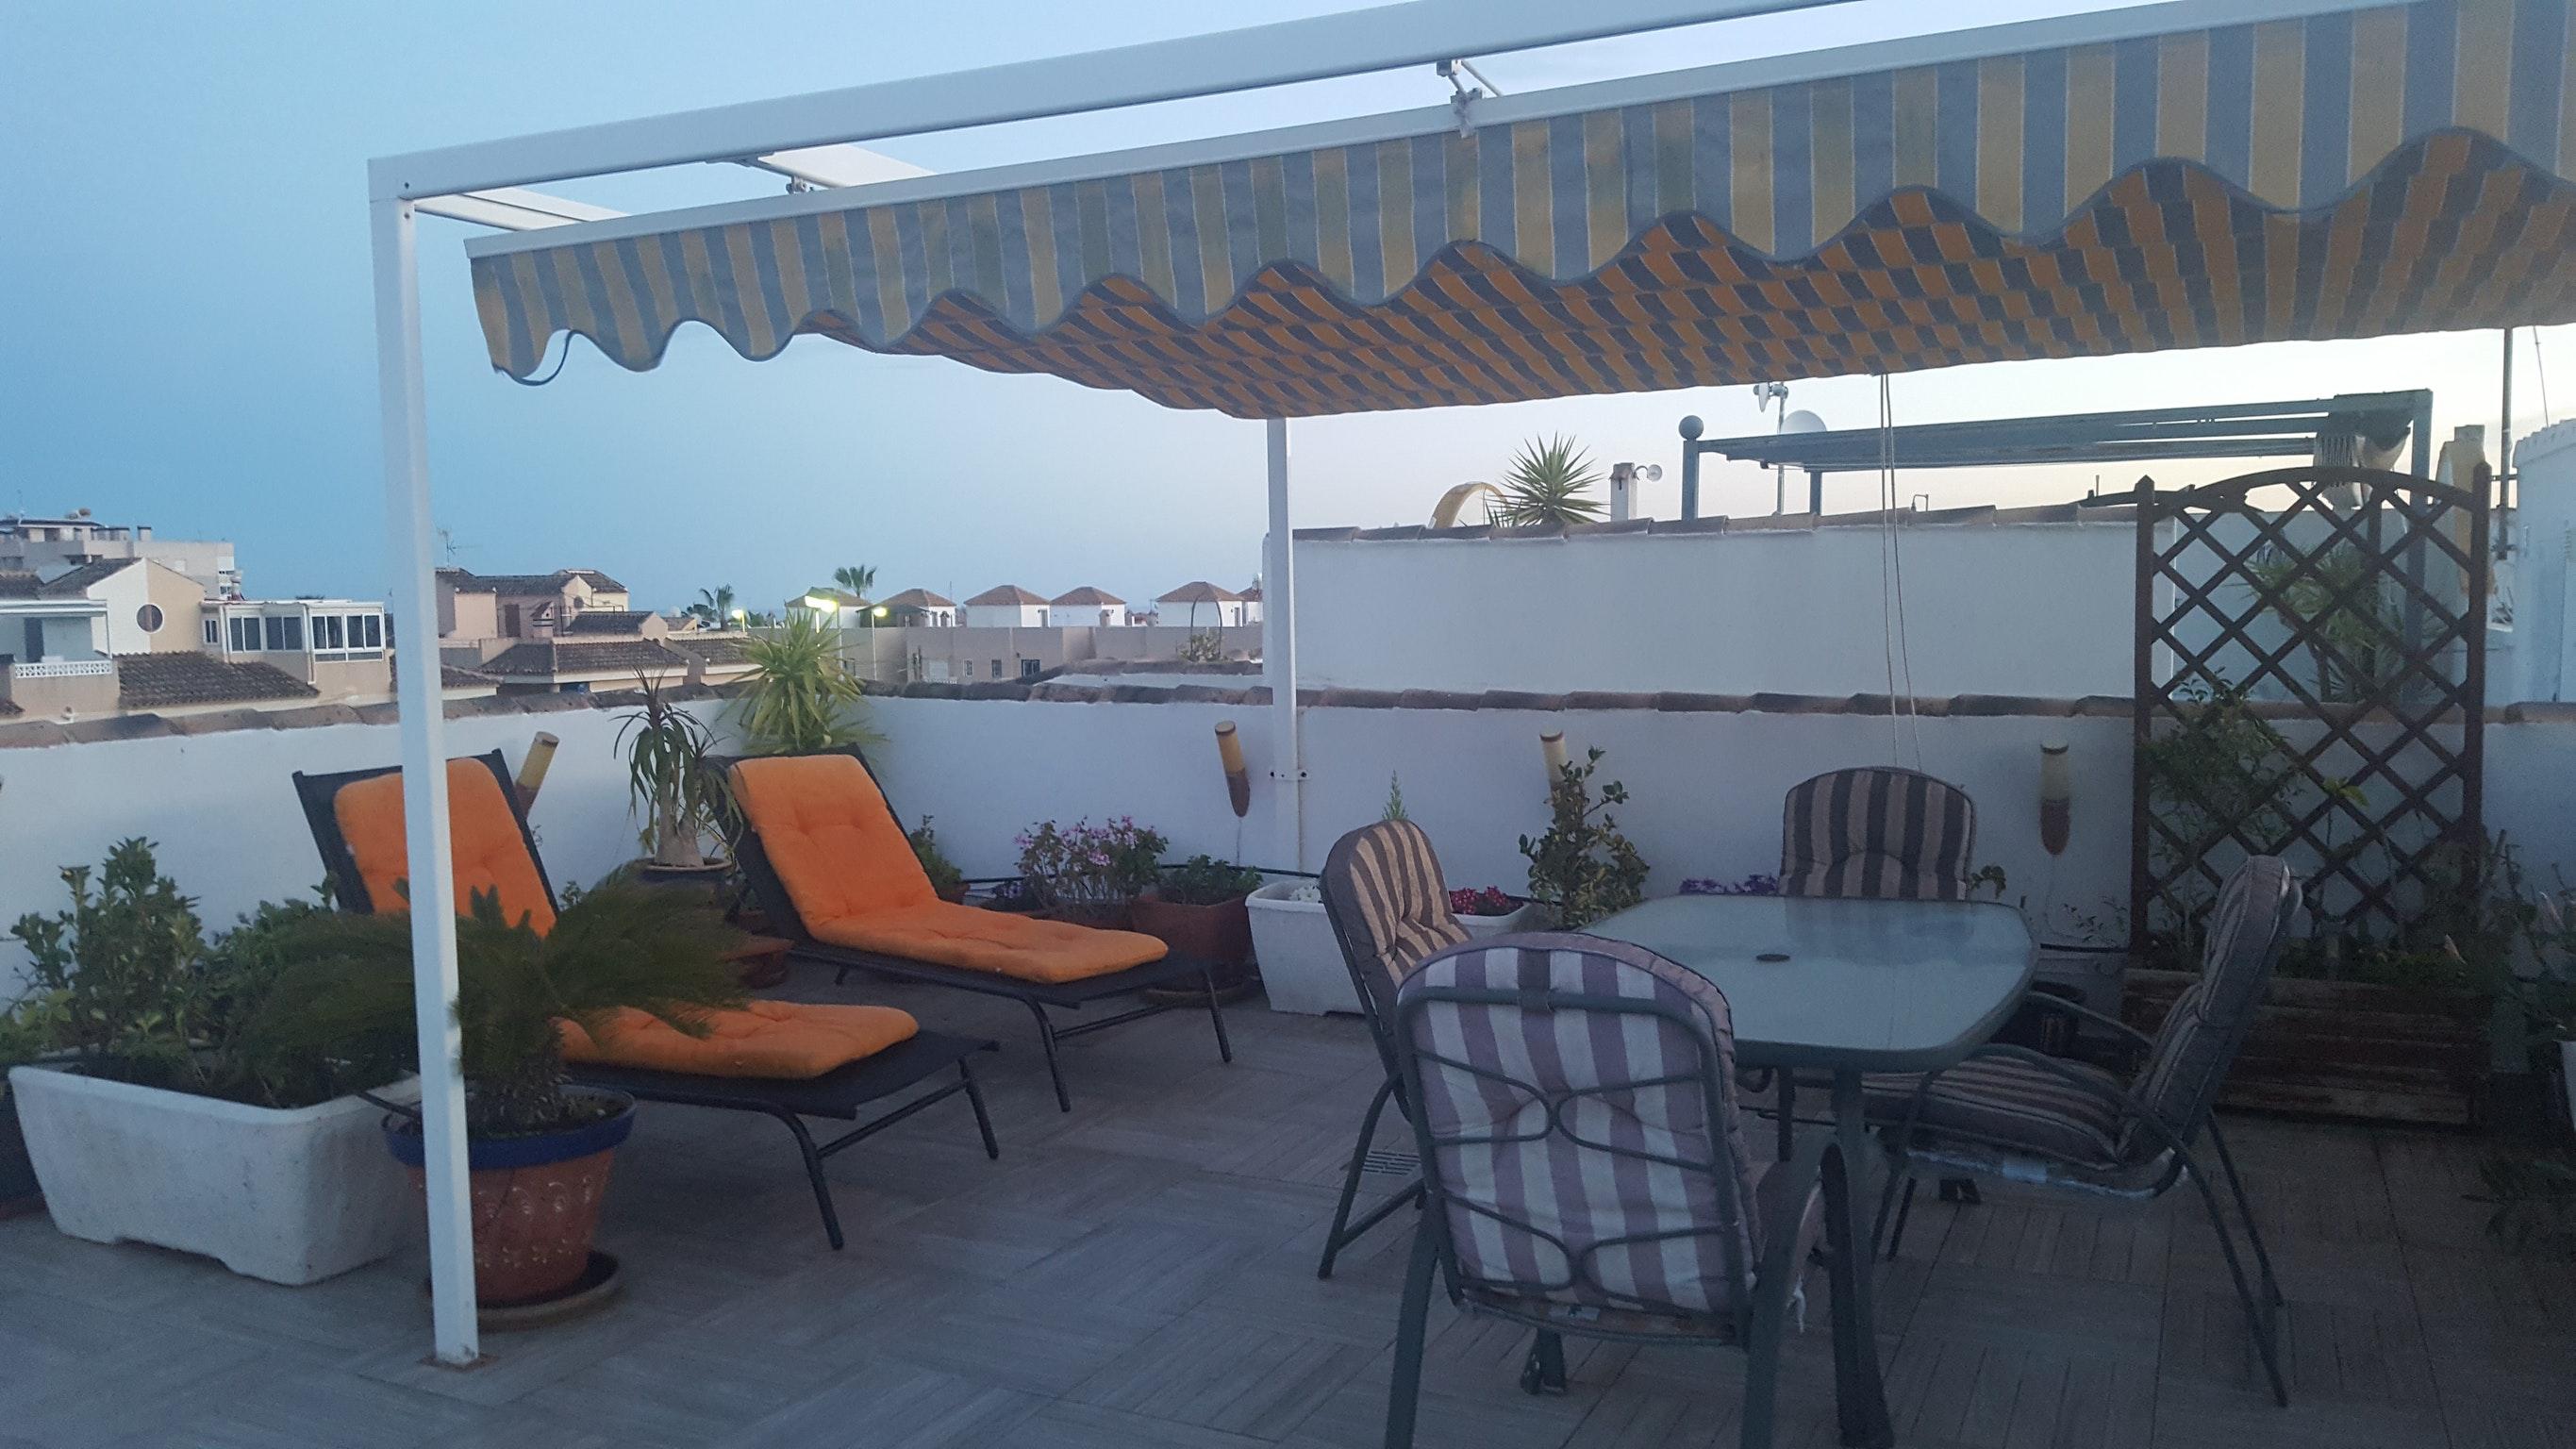 Ferienhaus Sonniges Haus mit 2 Schlafzimmern, WLAN, Swimmingpool und Solarium nahe Torrevieja - 1km z (2202043), Torrevieja, Costa Blanca, Valencia, Spanien, Bild 2